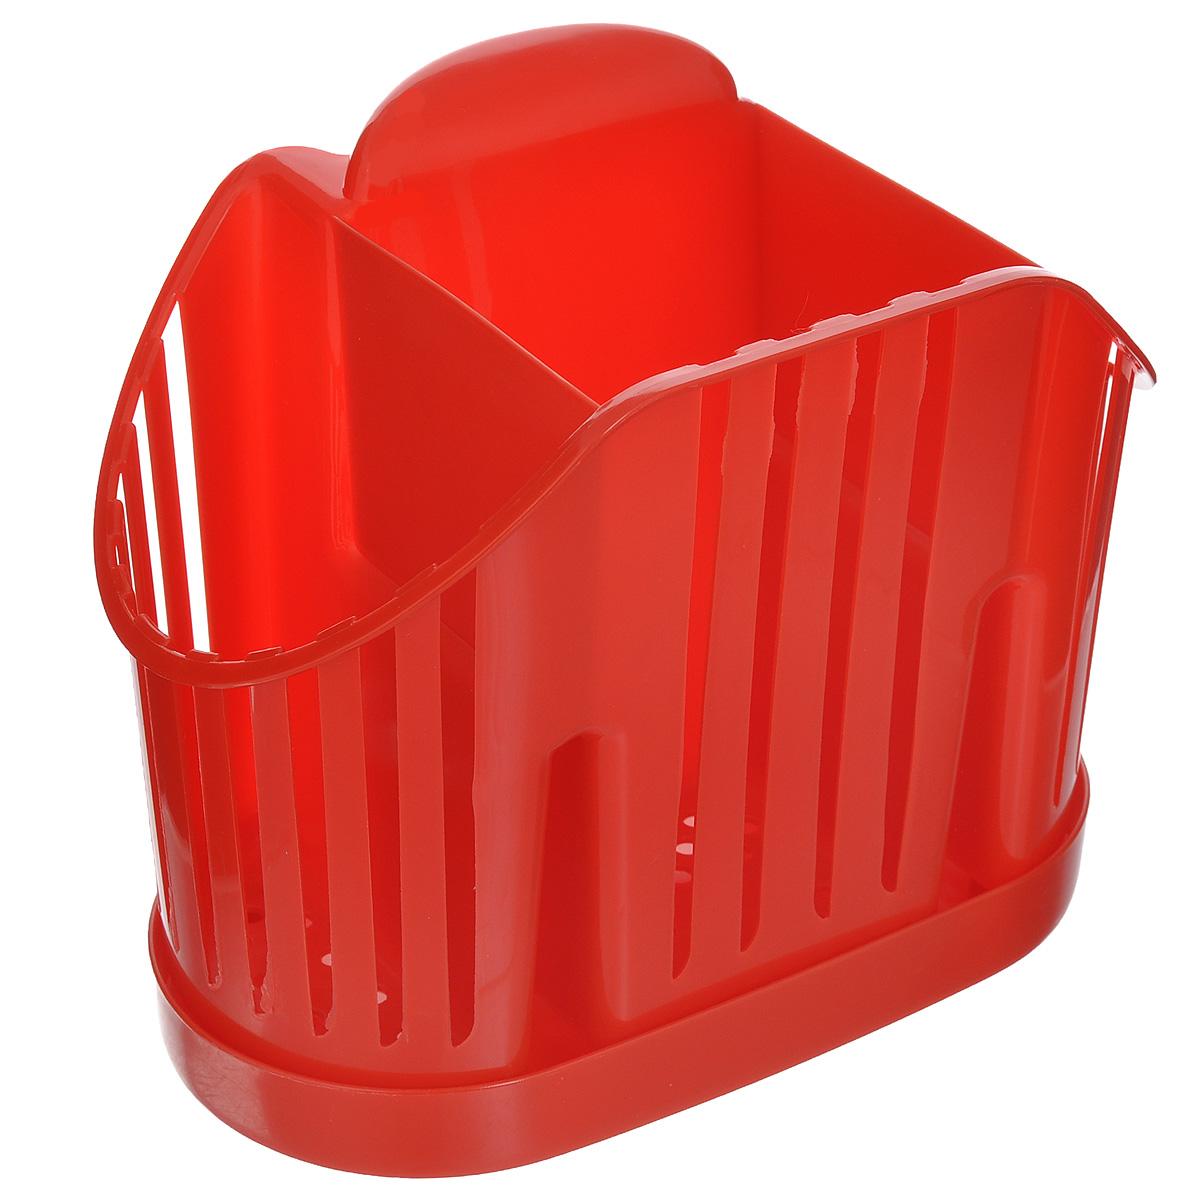 Подставка для столовых приборов Idea, цвет: красныйМ 1160Подставка для столовых приборов Idea, выполненная из высококачественного полипропилена, станет полезным приобретением для вашей кухни. Изделие оснащено 3 секциями для различных столовых приборов. Дно и стенки имеют перфорацию для легкого стока жидкости, которую собирает поддон.Такая подставка поможет аккуратно рассортировать все столовые приборы и тем самым поддерживать порядок на кухне.Размер подставки: 13,5 см х 17,5 см х 11 см.Размер поддона: 18,5 см х 10 см х 2 см.